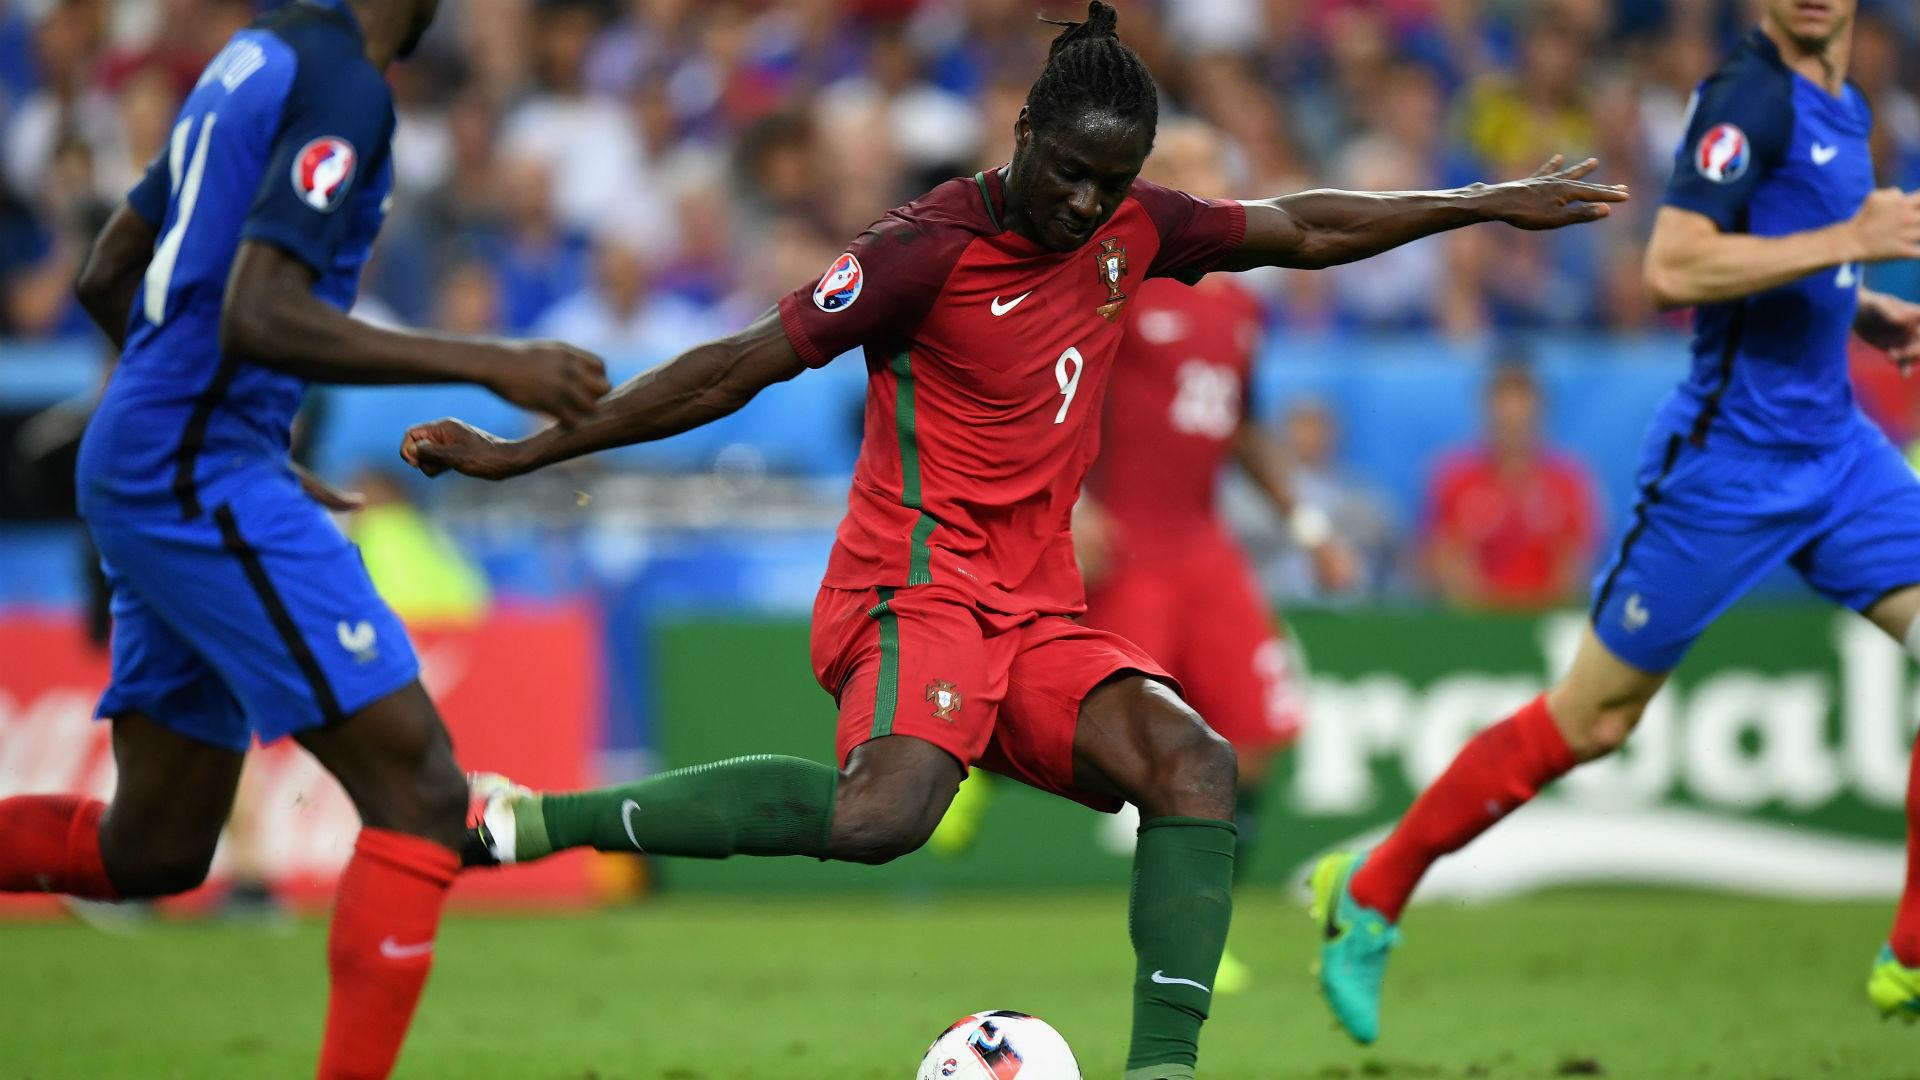 Atacante Éder no momento do chute que deu a vitória a Portugal